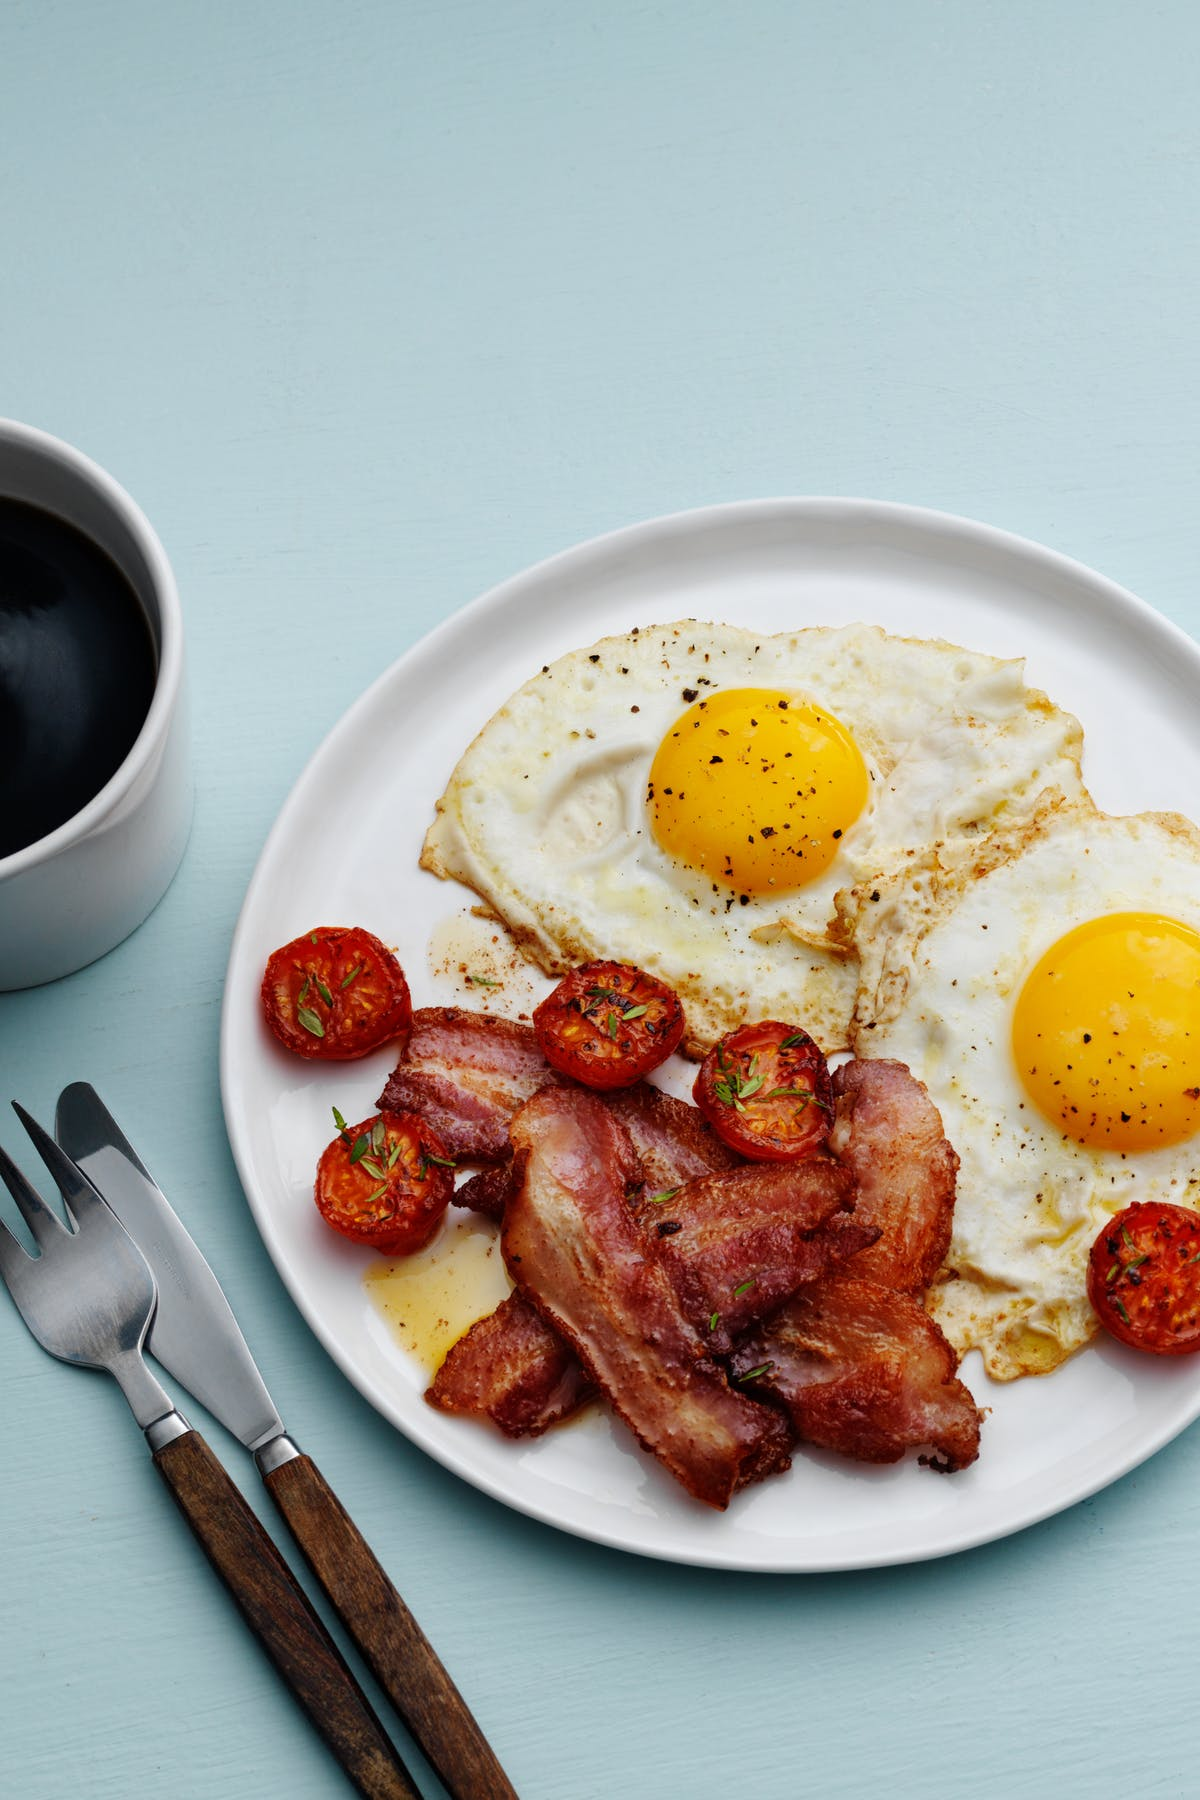 El clásico tocino con huevos al estilo keto